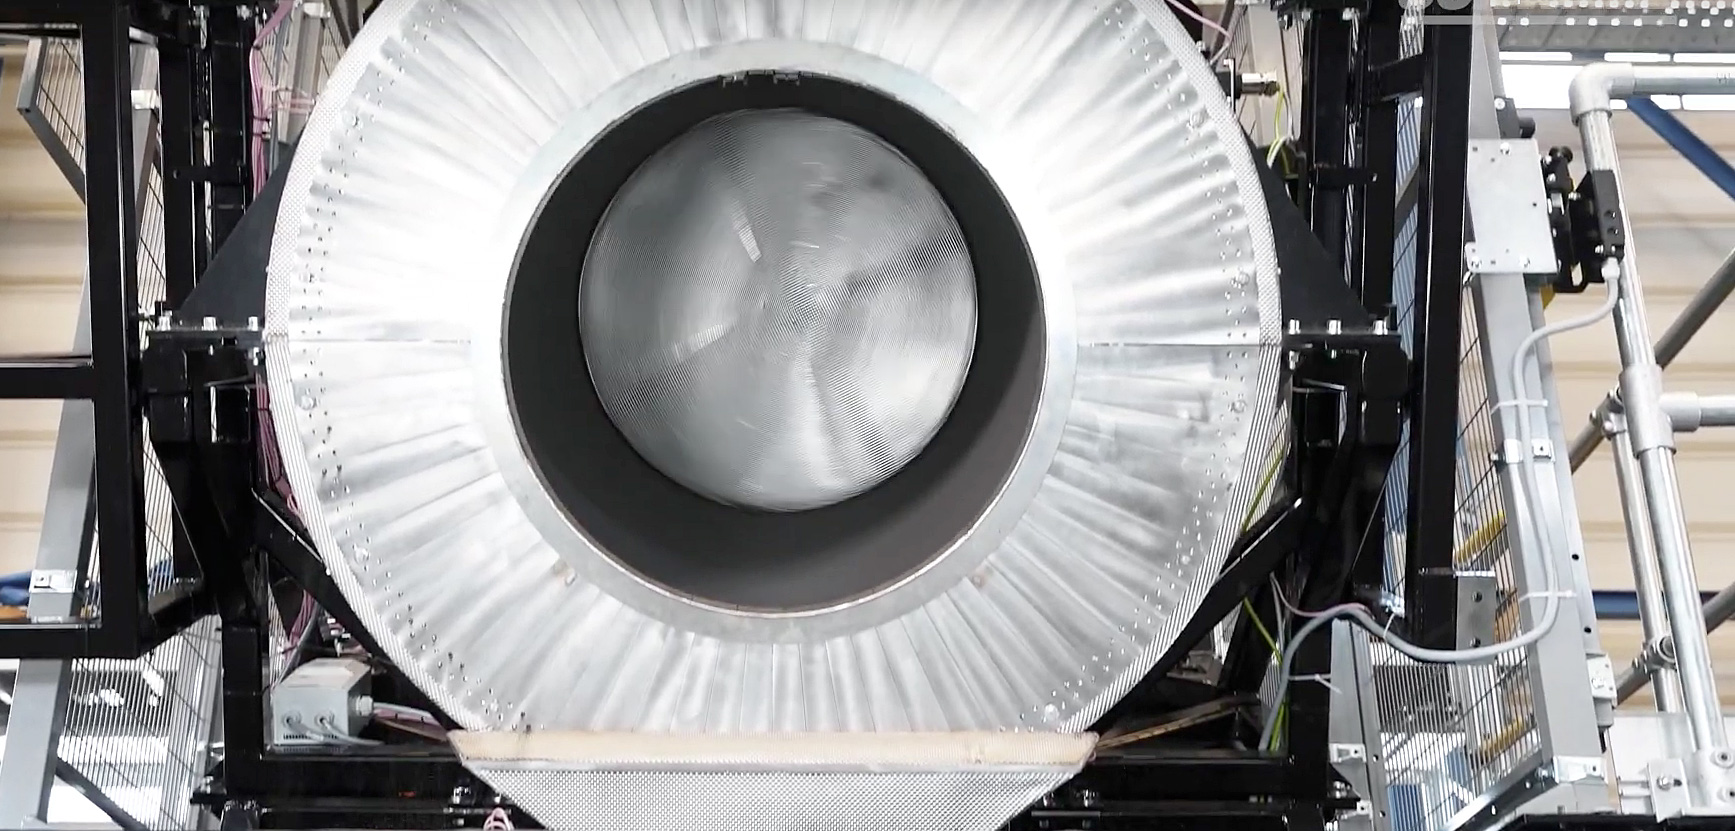 HelioHeat & Schwarz baute CentRec® – ein neuartiger Receiver für Solarkraftwerke